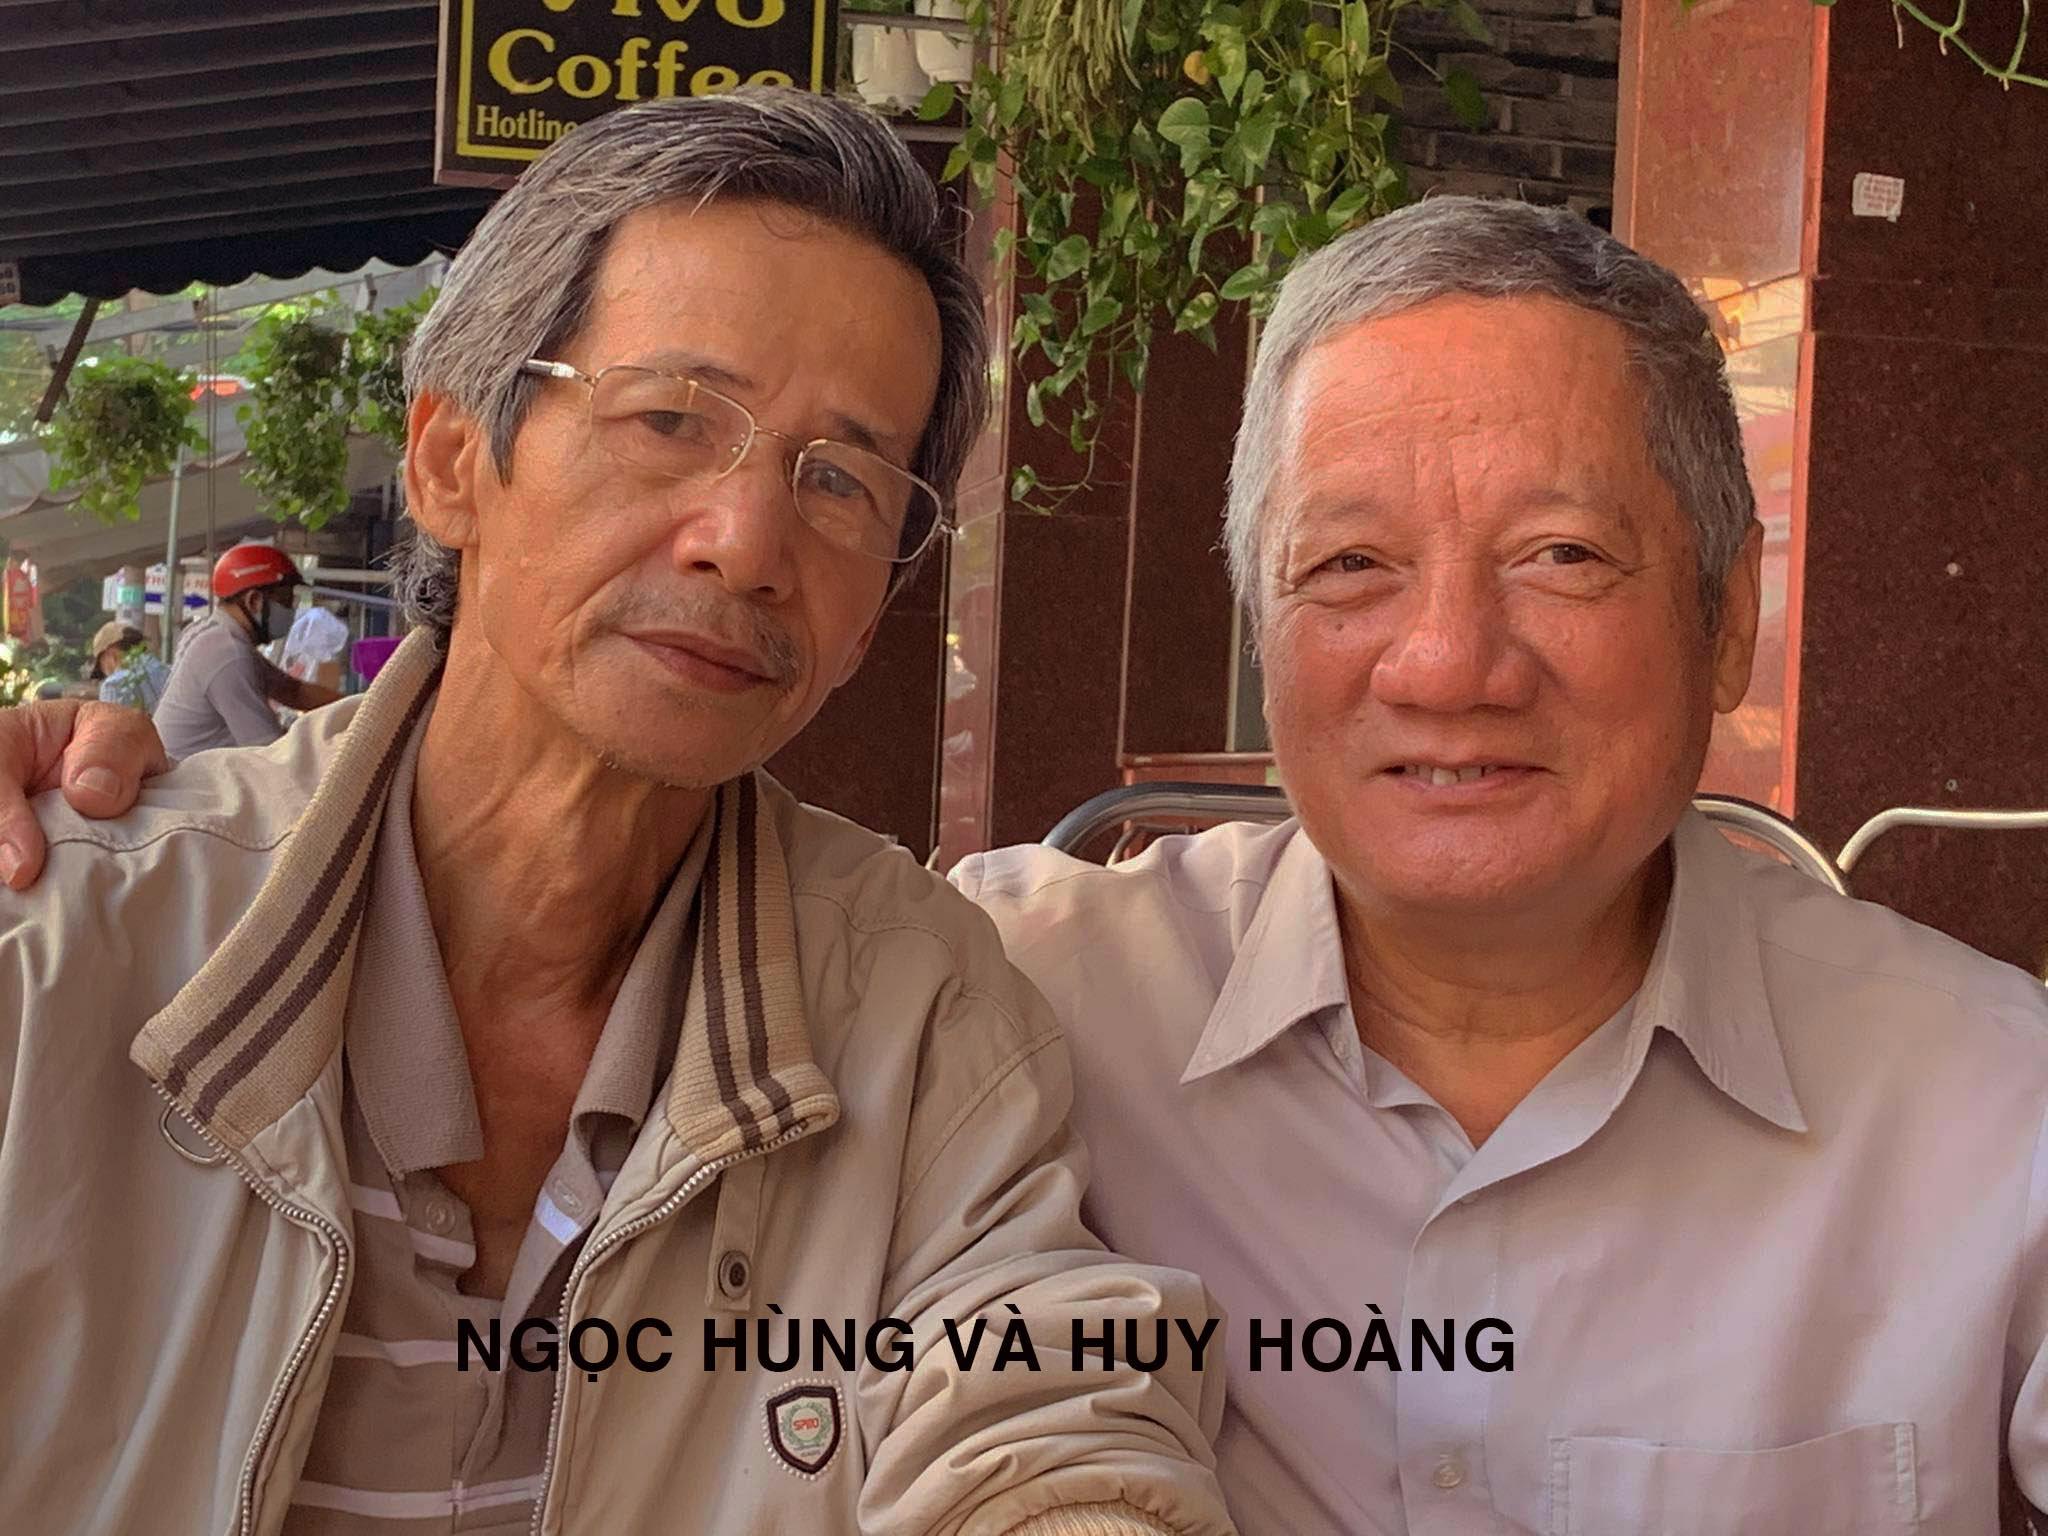 THĂM BẠN - Trần Ngọc Hùng